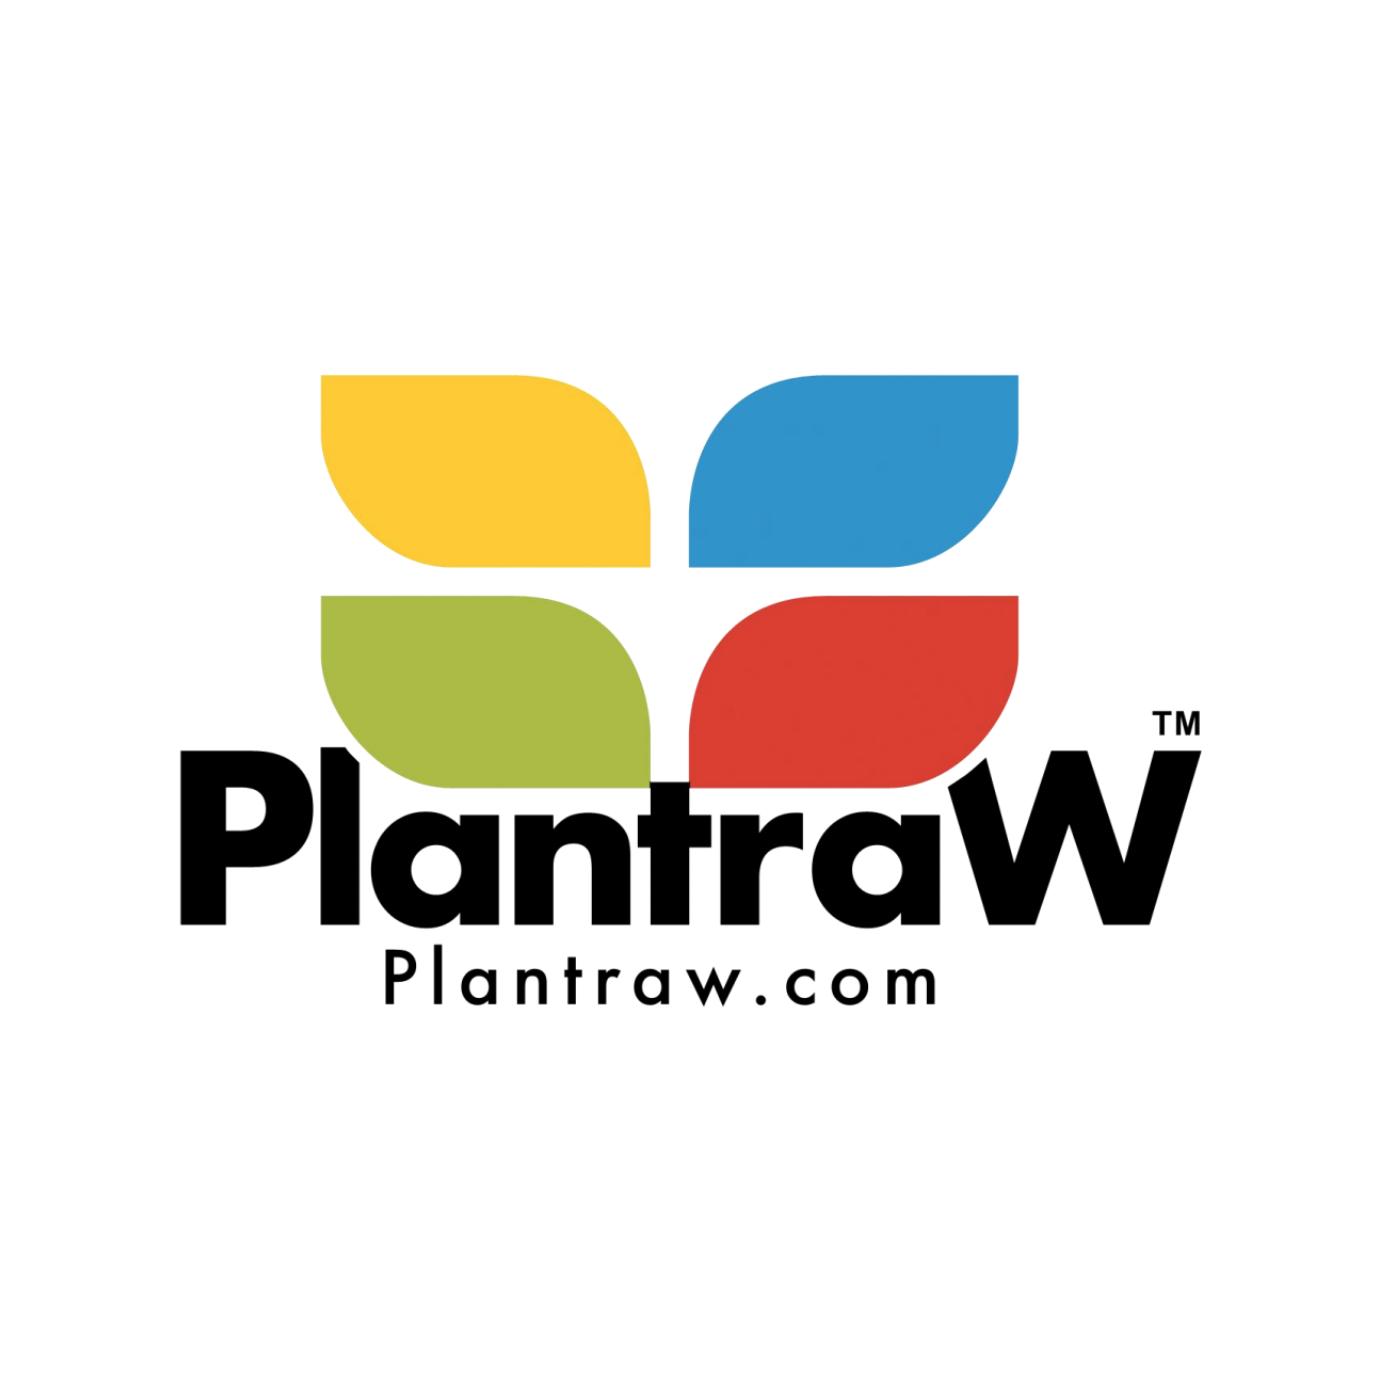 Plantraw logo - Keto Certified by the Paleo Foundation